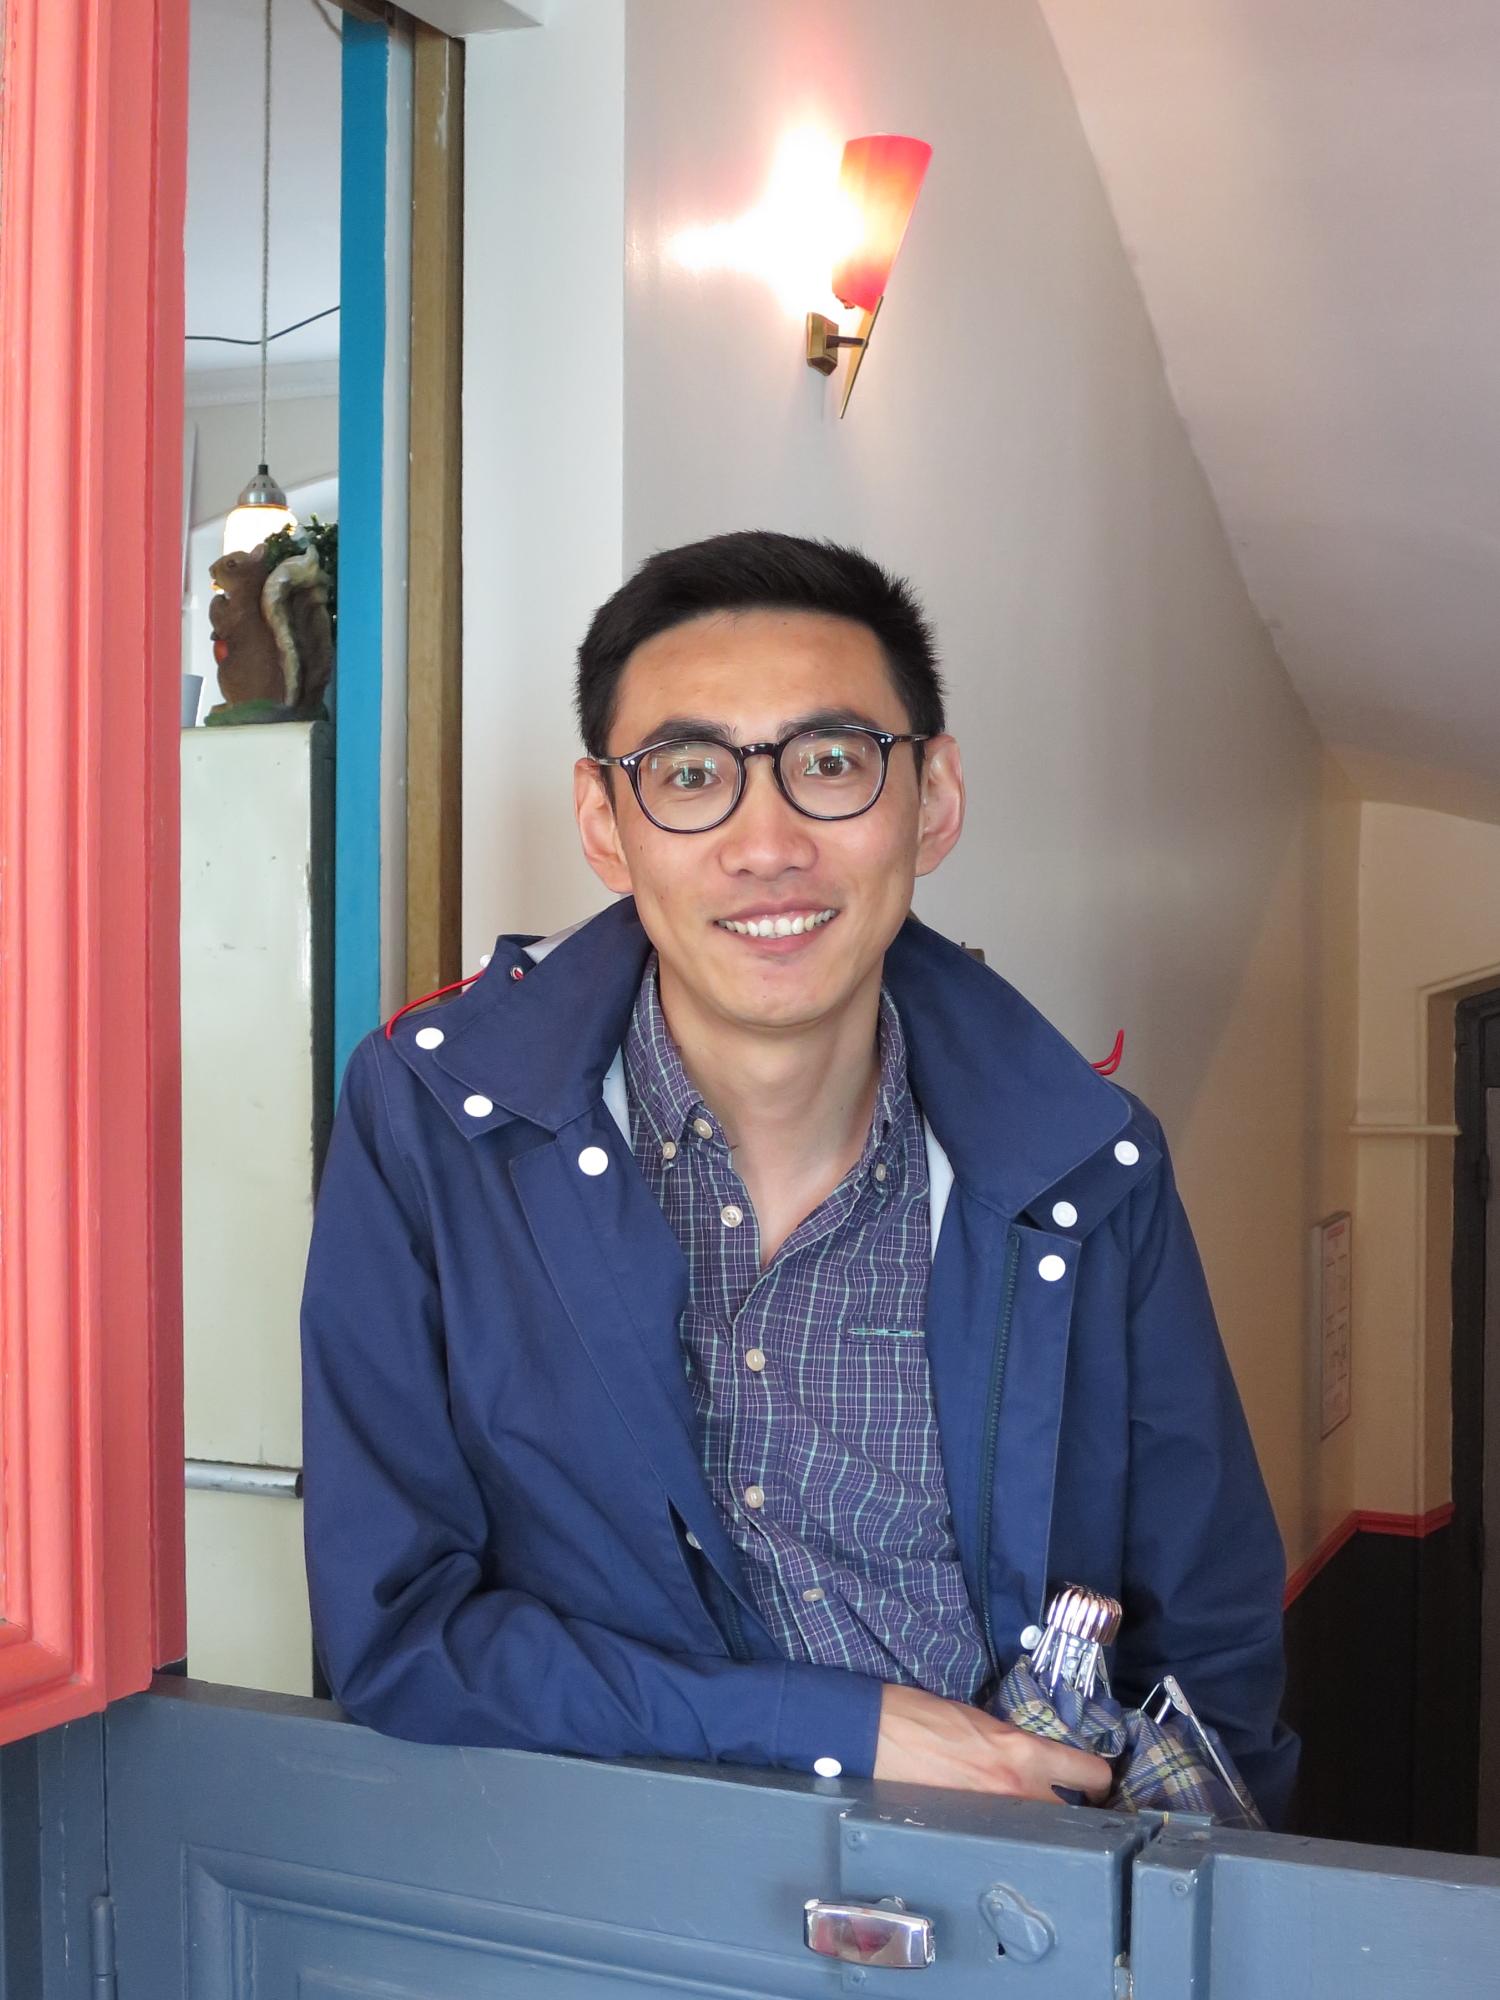 Kristoffer at Le Pavillon des Merveilles